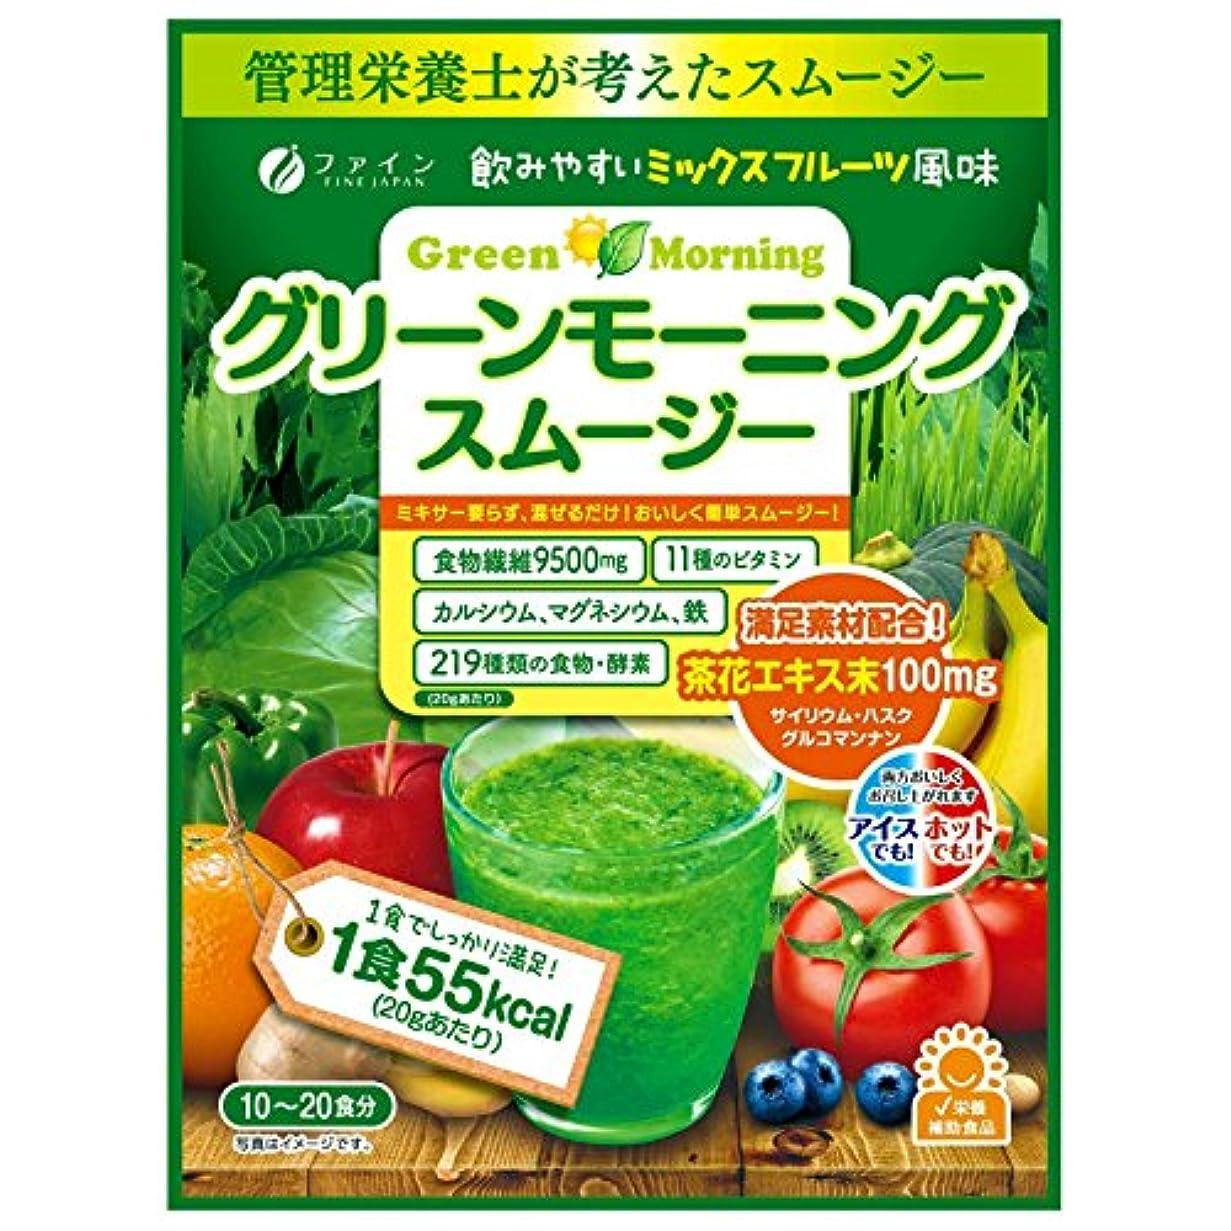 壁モード冷蔵するファイン グリーンモーニングスムージー ミックスフルーツ風味 200g×4個セット